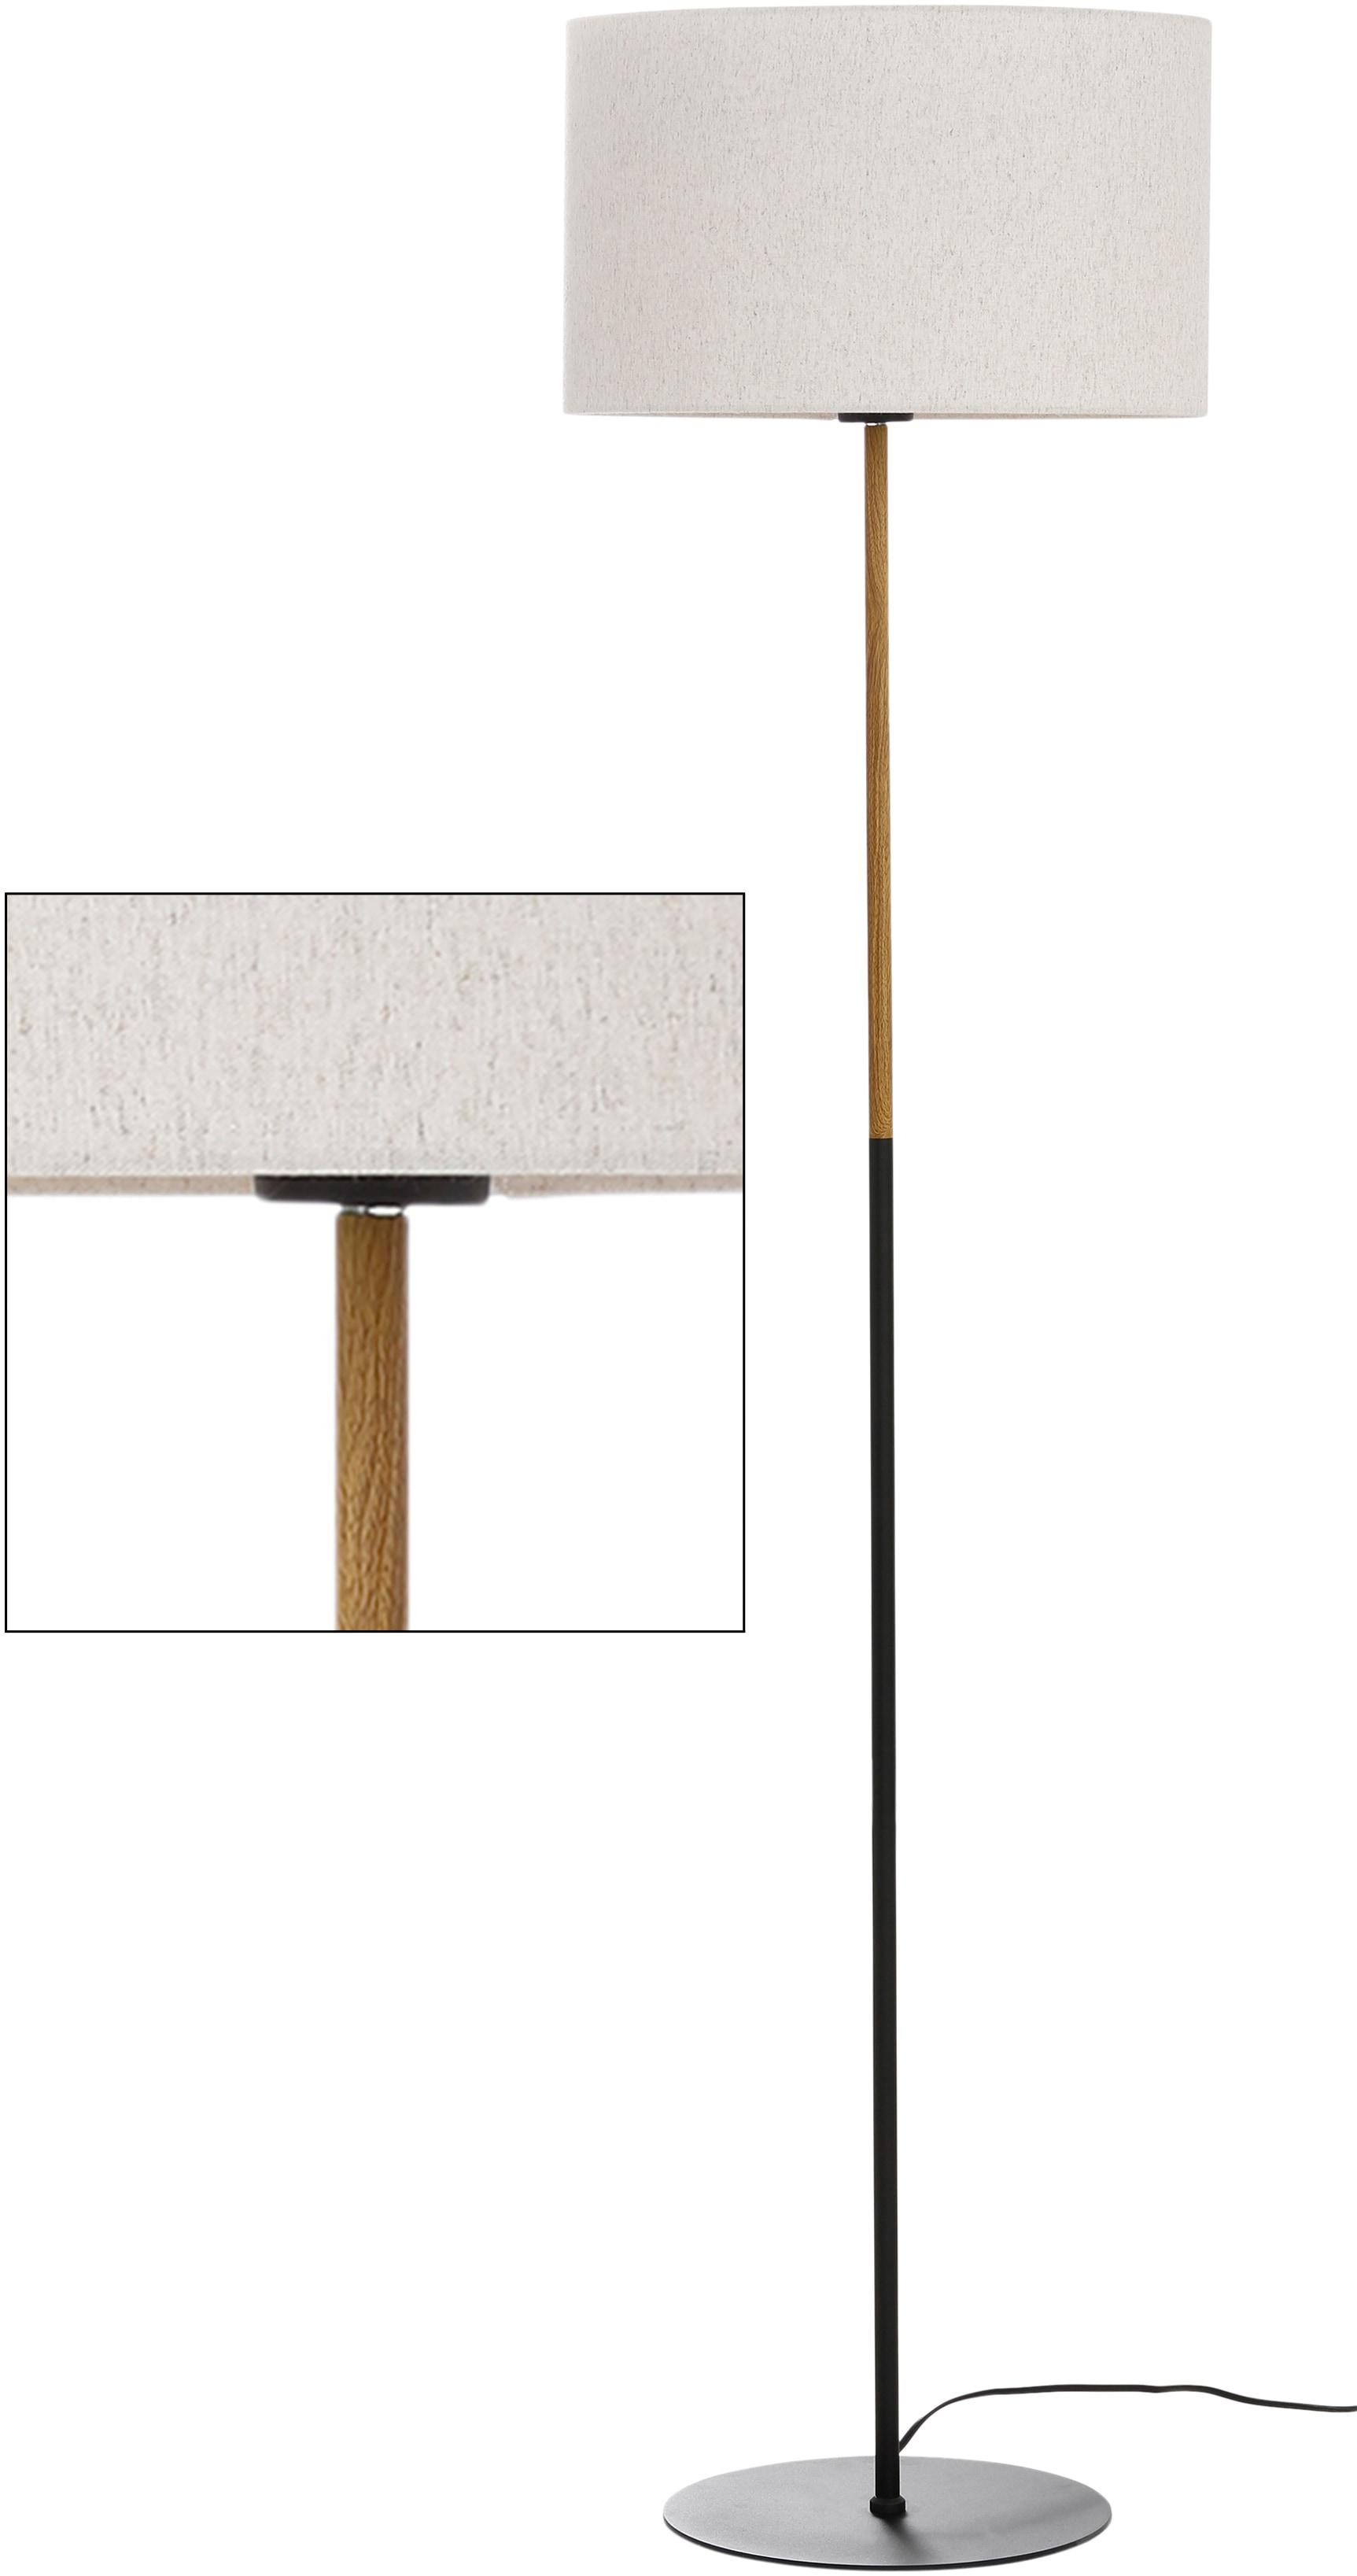 Home affaire Stehlampe San Marina, E27, 1 St., Stehleuchte mit zweifarbigem Fuß in schwarz / holzfarben und Leinenschirm / Stoff - Schirm beige Ø 45 cm, Höhe 153 cm